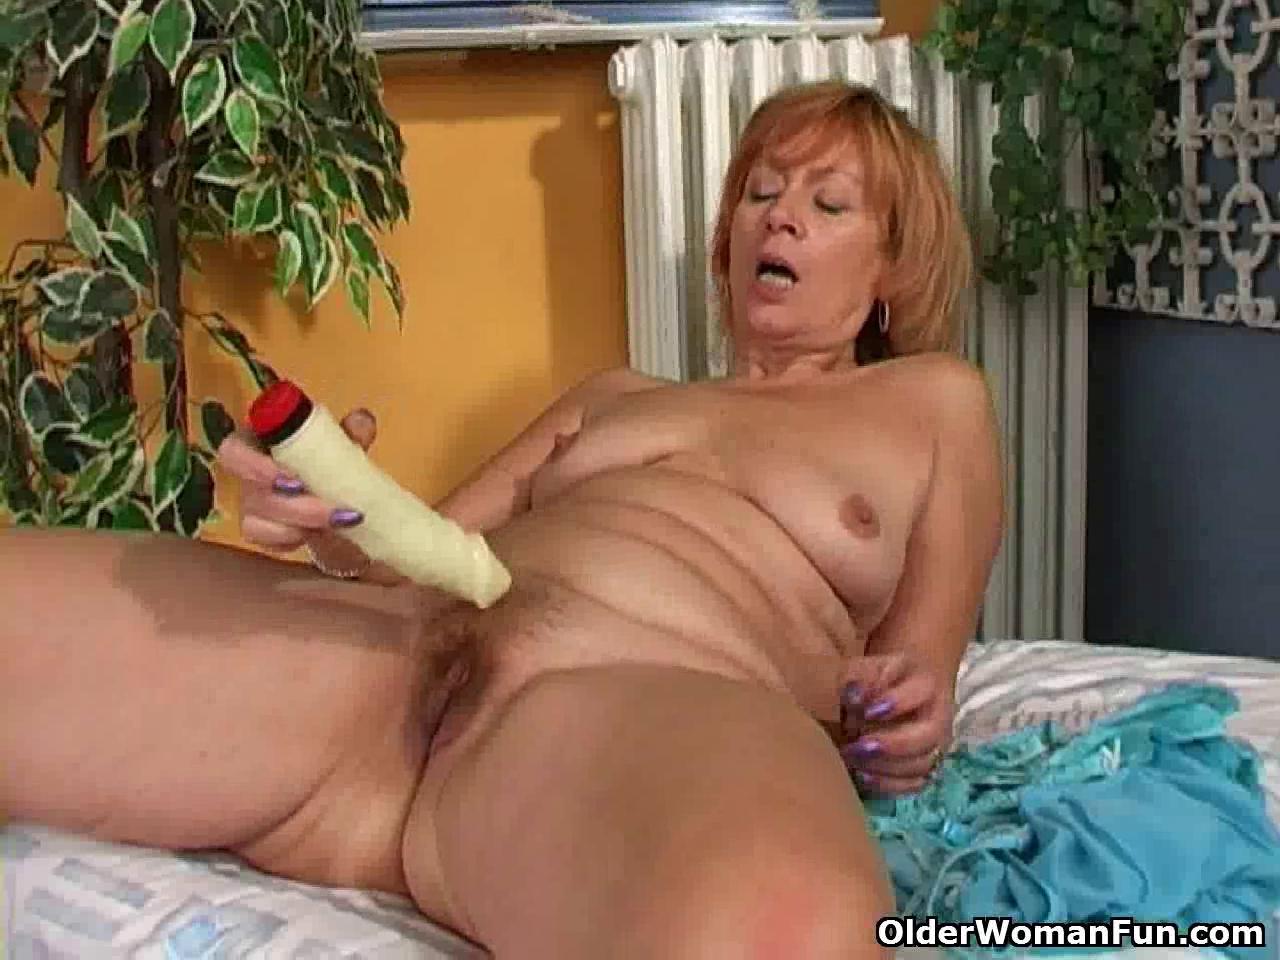 зрелая тетя мастурбирует у себя в спальне внимательный